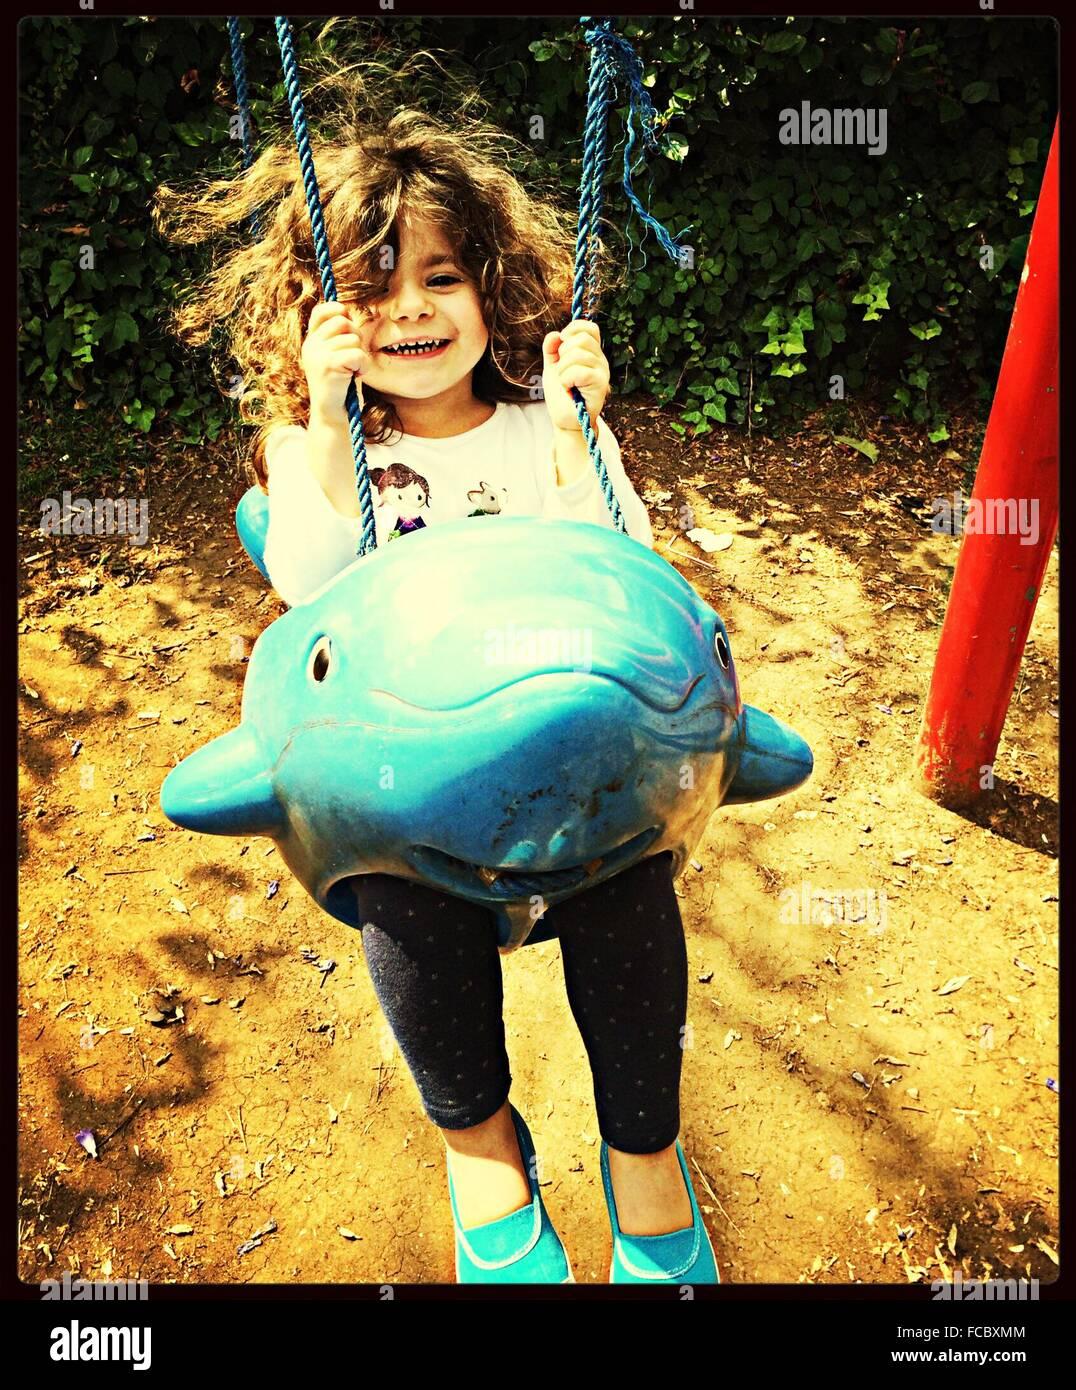 Girl Enjoying Swing Ride In Playground - Stock Image